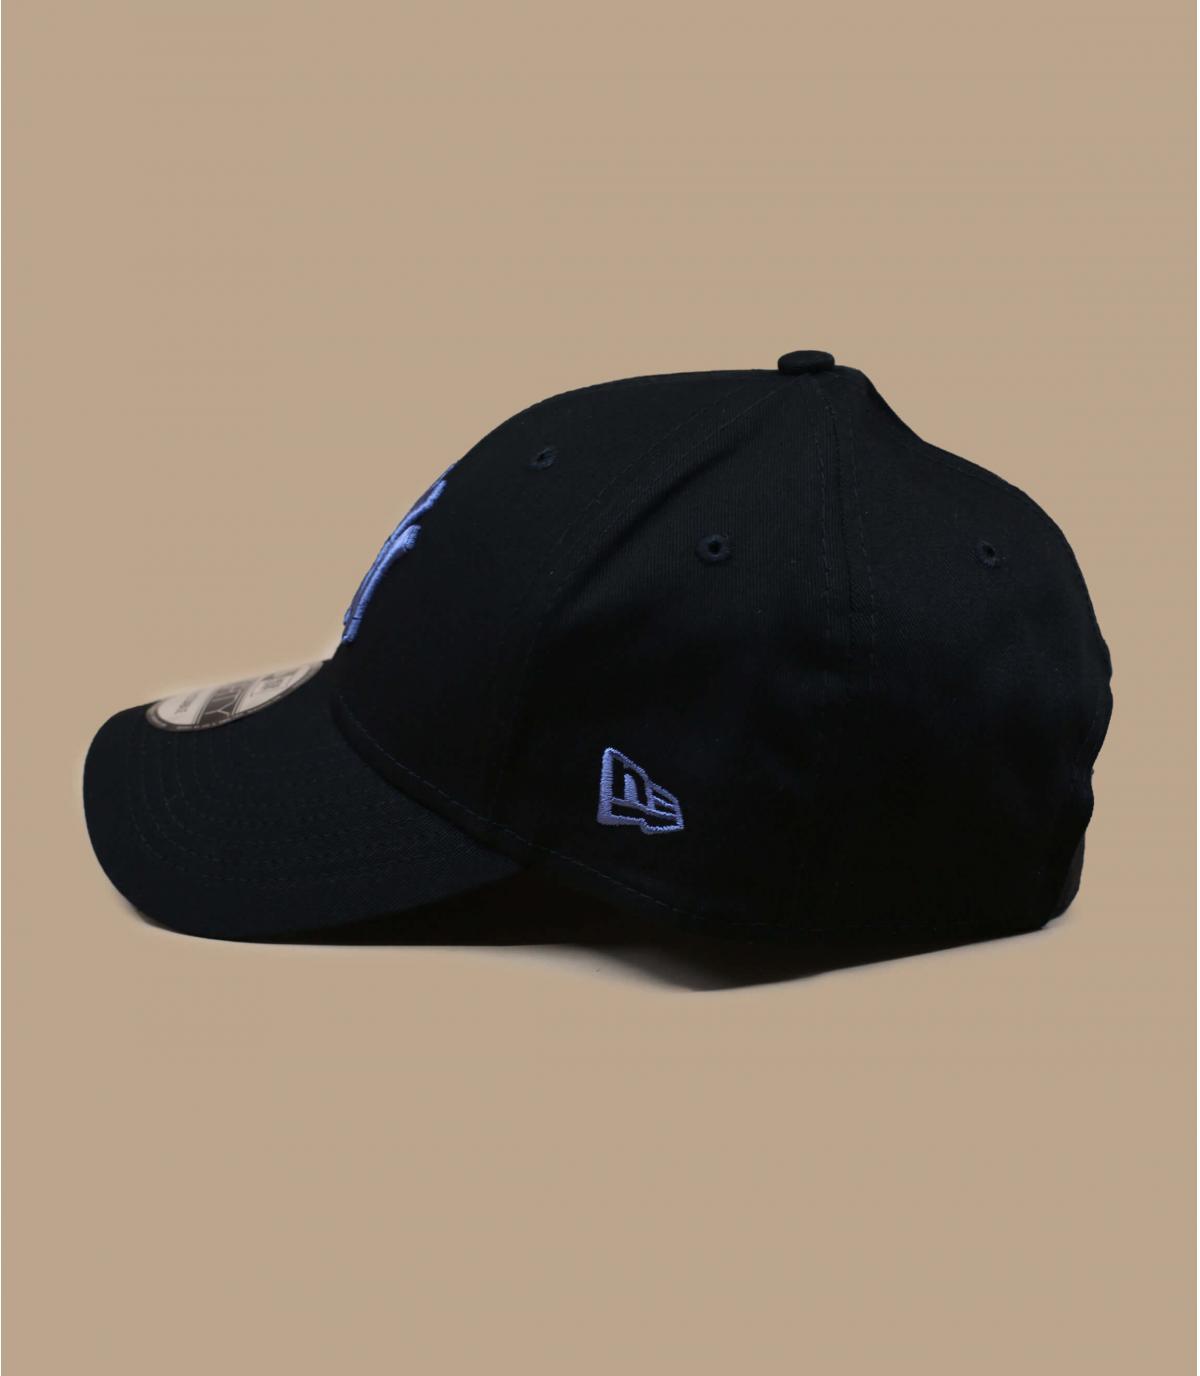 gorra NY negro azul